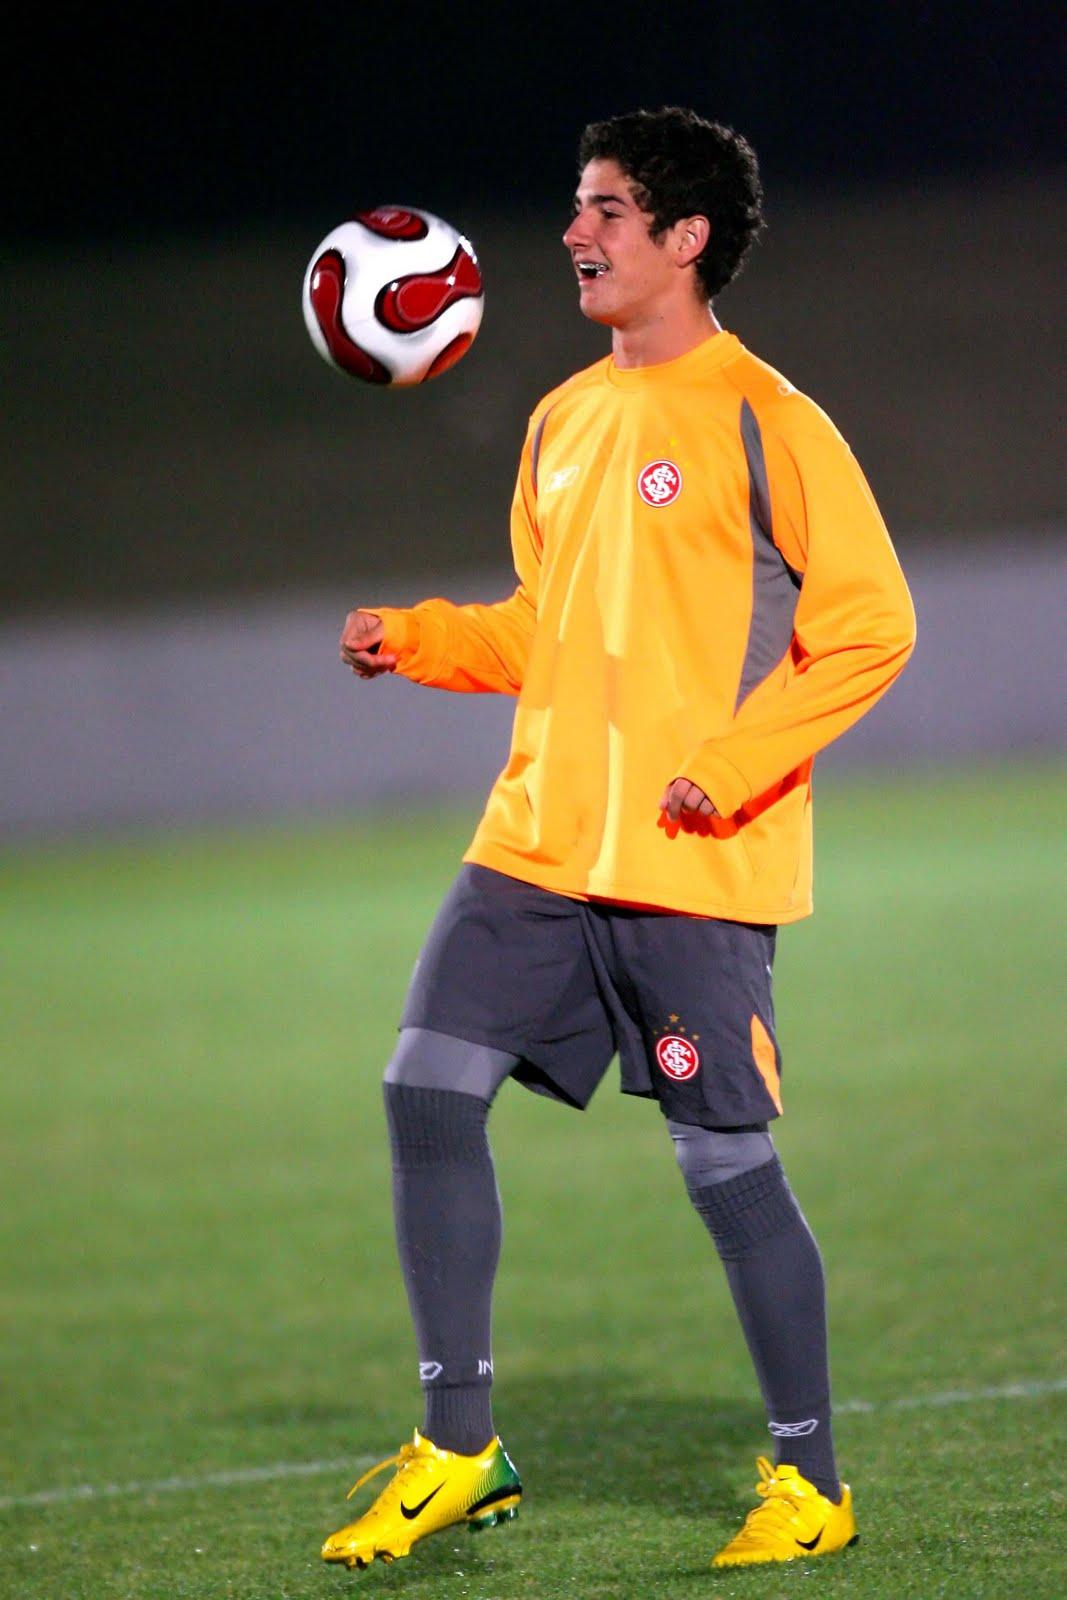 http://3.bp.blogspot.com/_J3_liDBfbvs/S8ZOm1S7CAI/AAAAAAAAm0E/d5B42et9XdM/s1600/Alexandre+Pato+Brazil+Football+Player.jpg